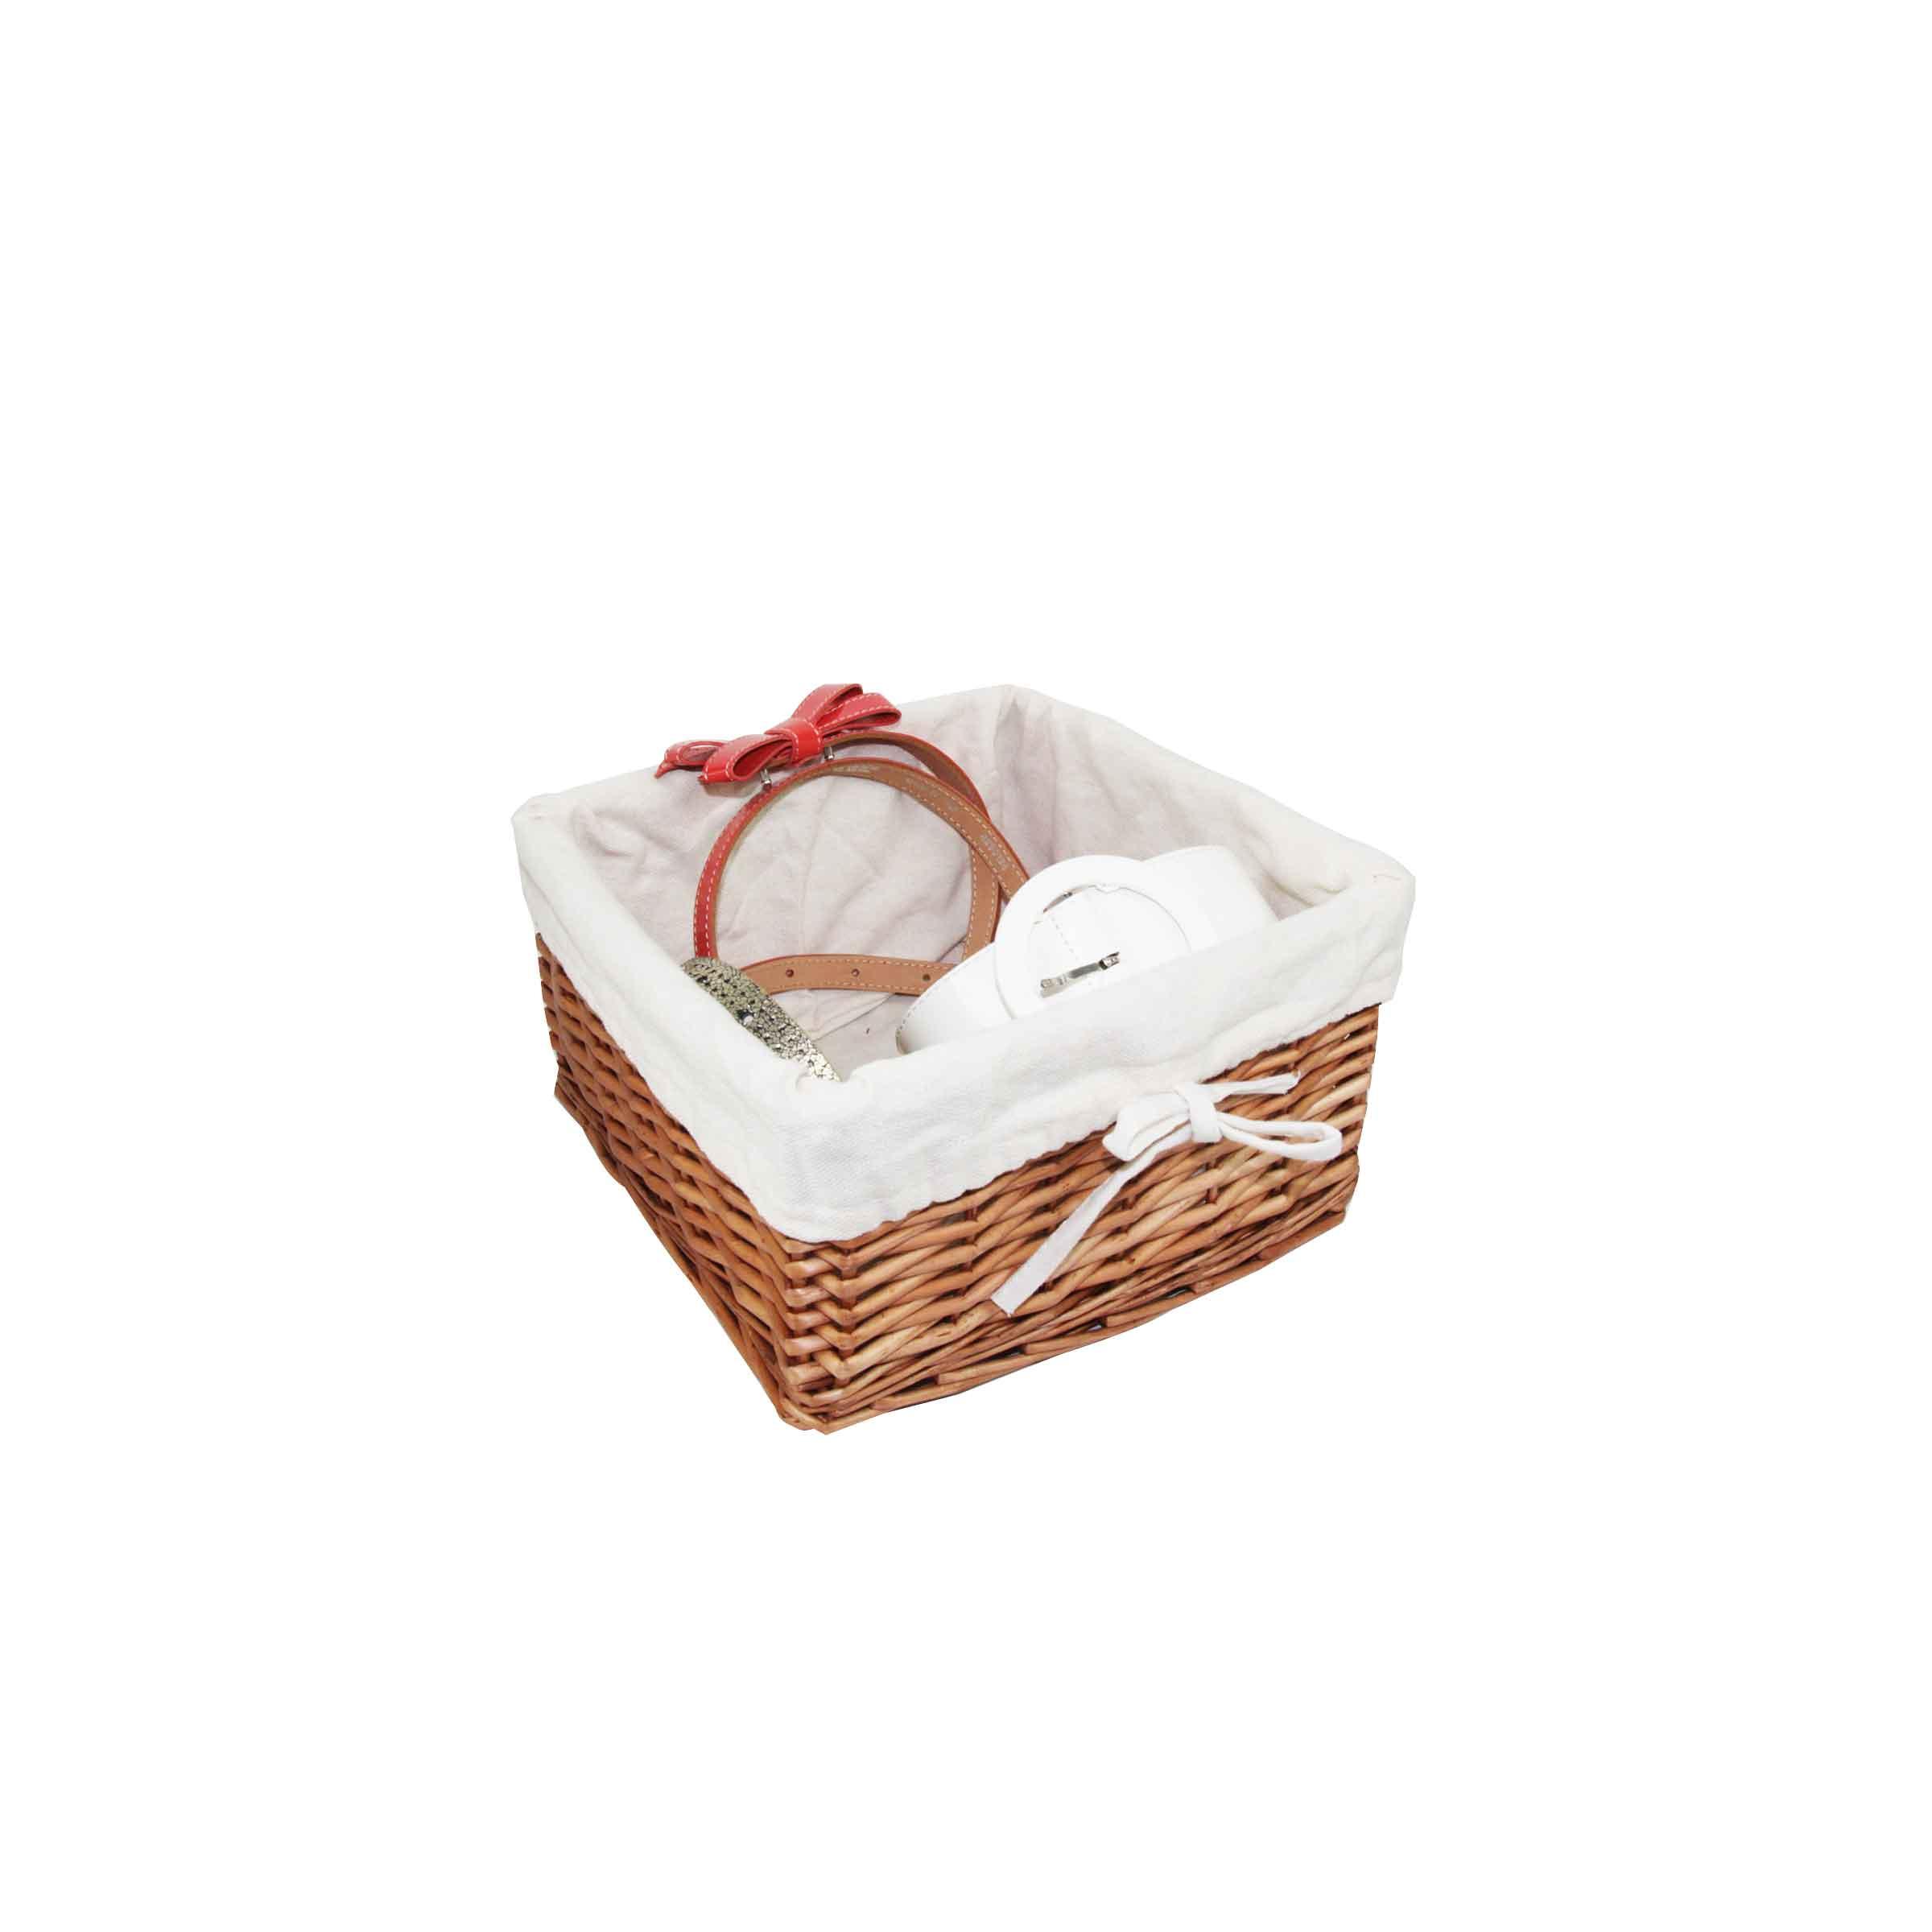 panier carré en rotin avec tissu en coton blanc à l'intérieur